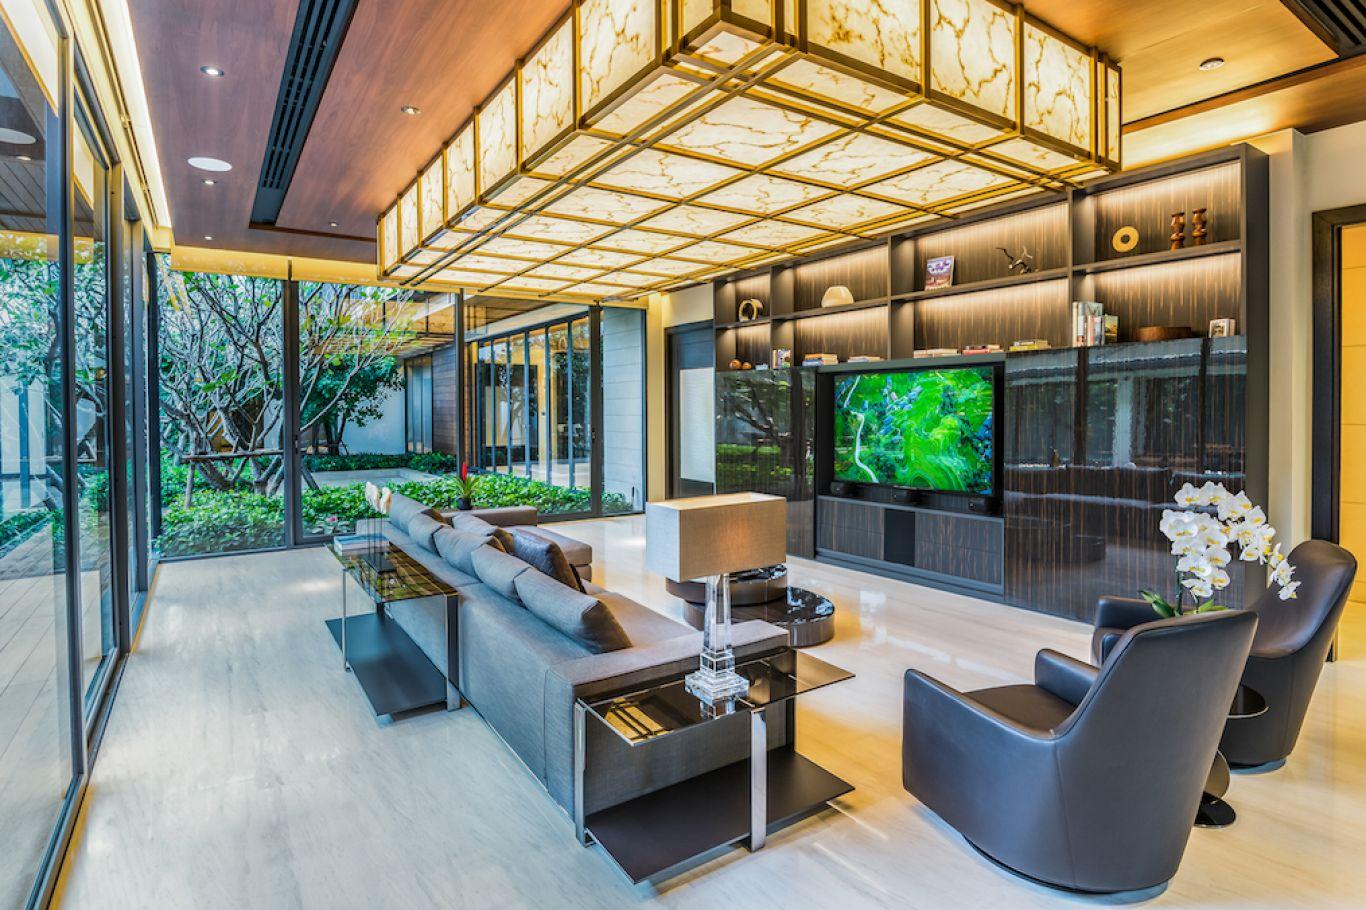 Living room with AV system, TV shown